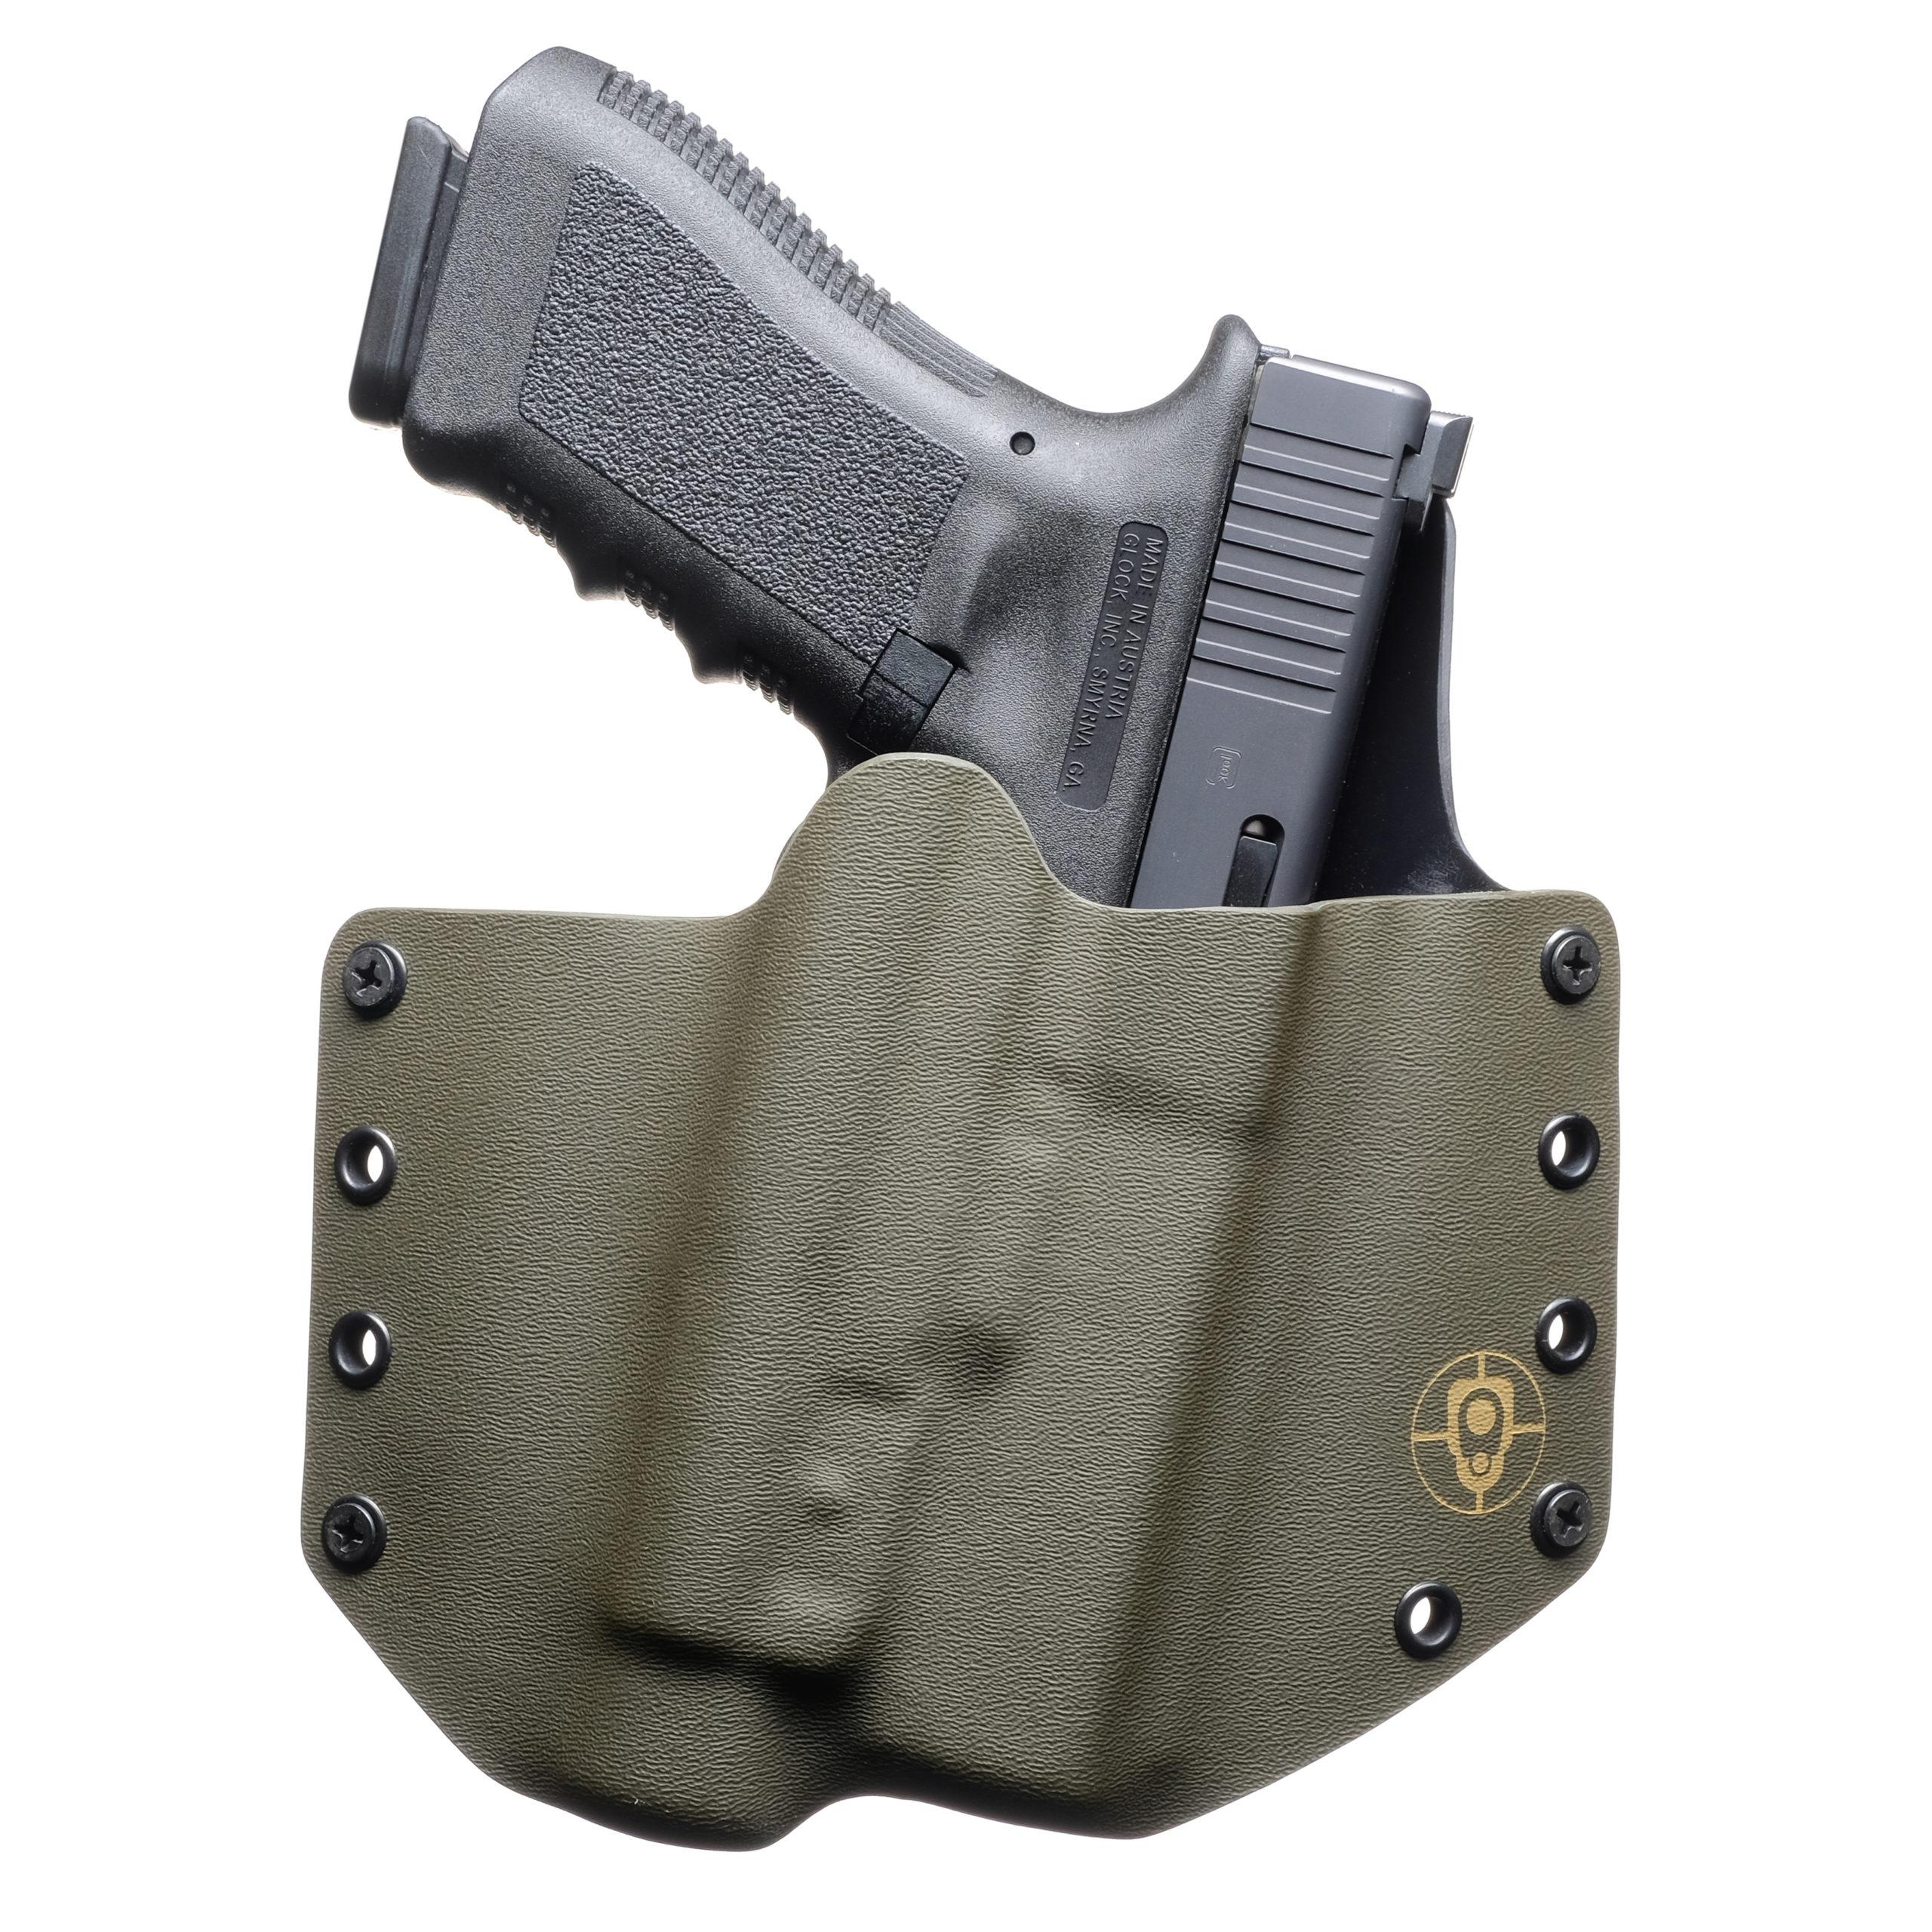 Kryptek Mandrake Kydex Holster for Glock 20 21 Streamlight TLR-1 TLR-1 HL